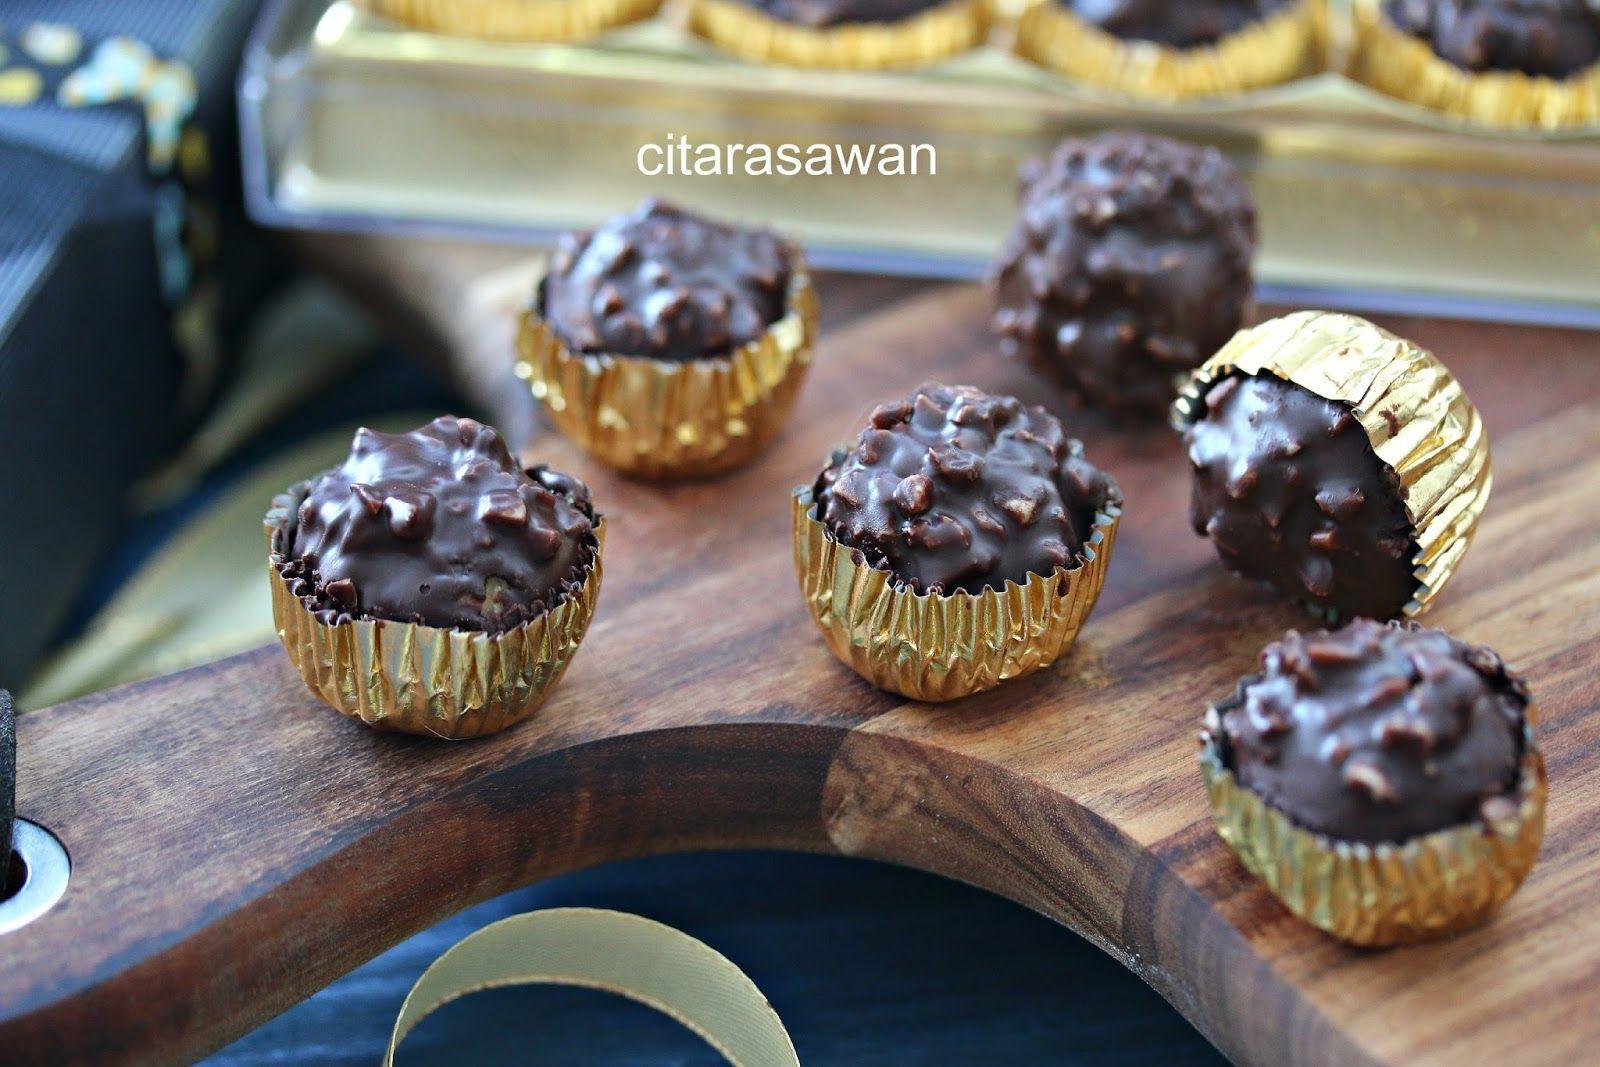 biskut ferrero rocher resepi terbaik   resep biskuit kue kering memanggang kue Resepi Biskut Ferrero Rocher Malaysia Enak dan Mudah